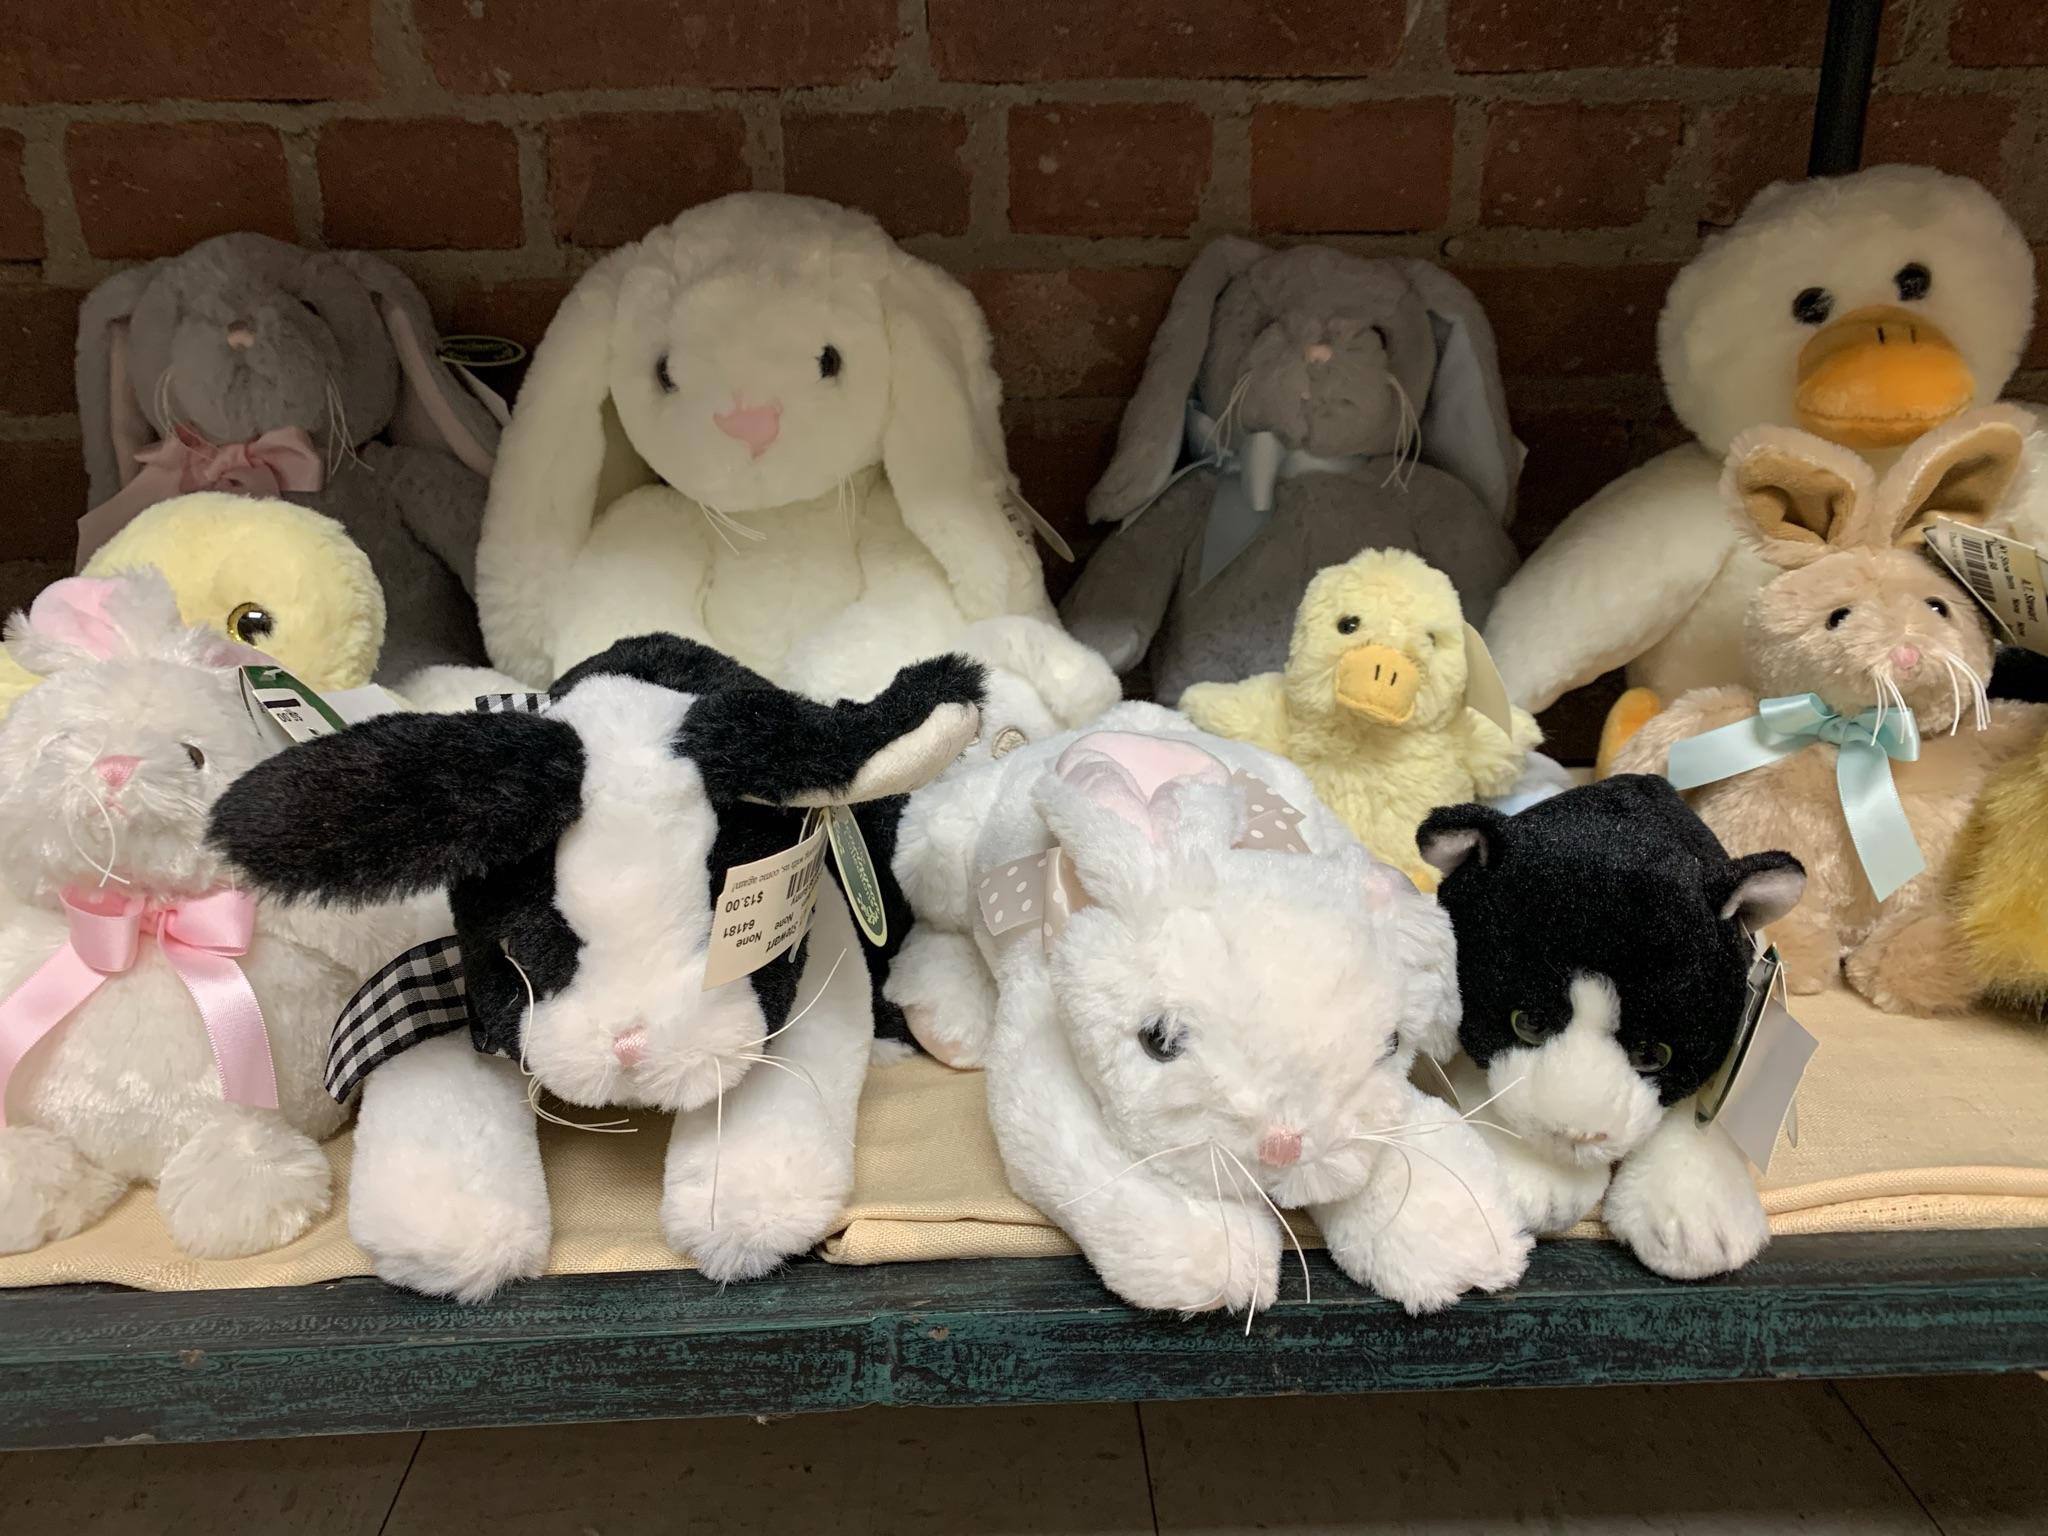 easter bearington bunnies